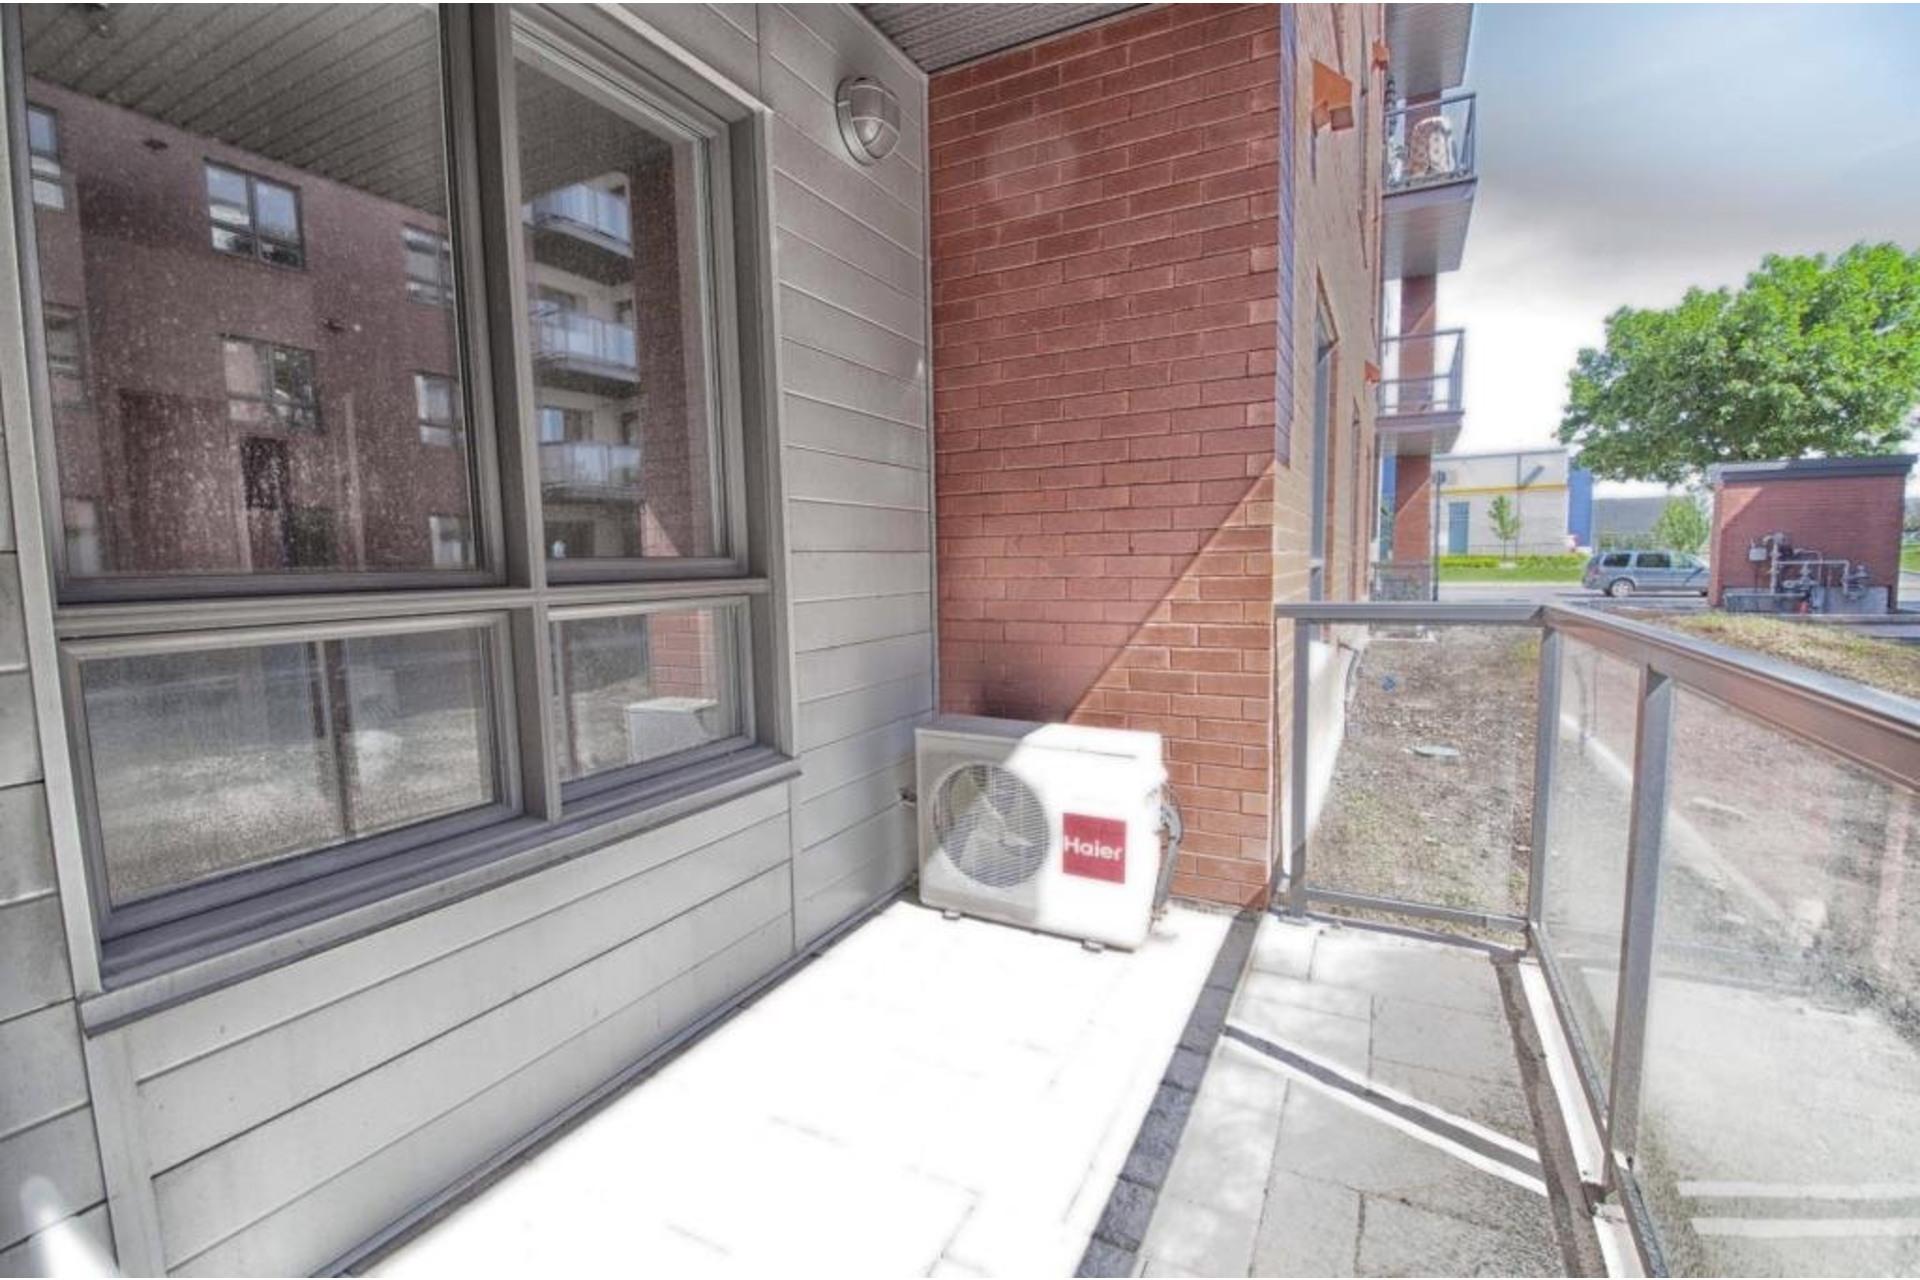 image 22 - Appartement À louer Rivière-des-Prairies/Pointe-aux-Trembles Montréal  - 6 pièces